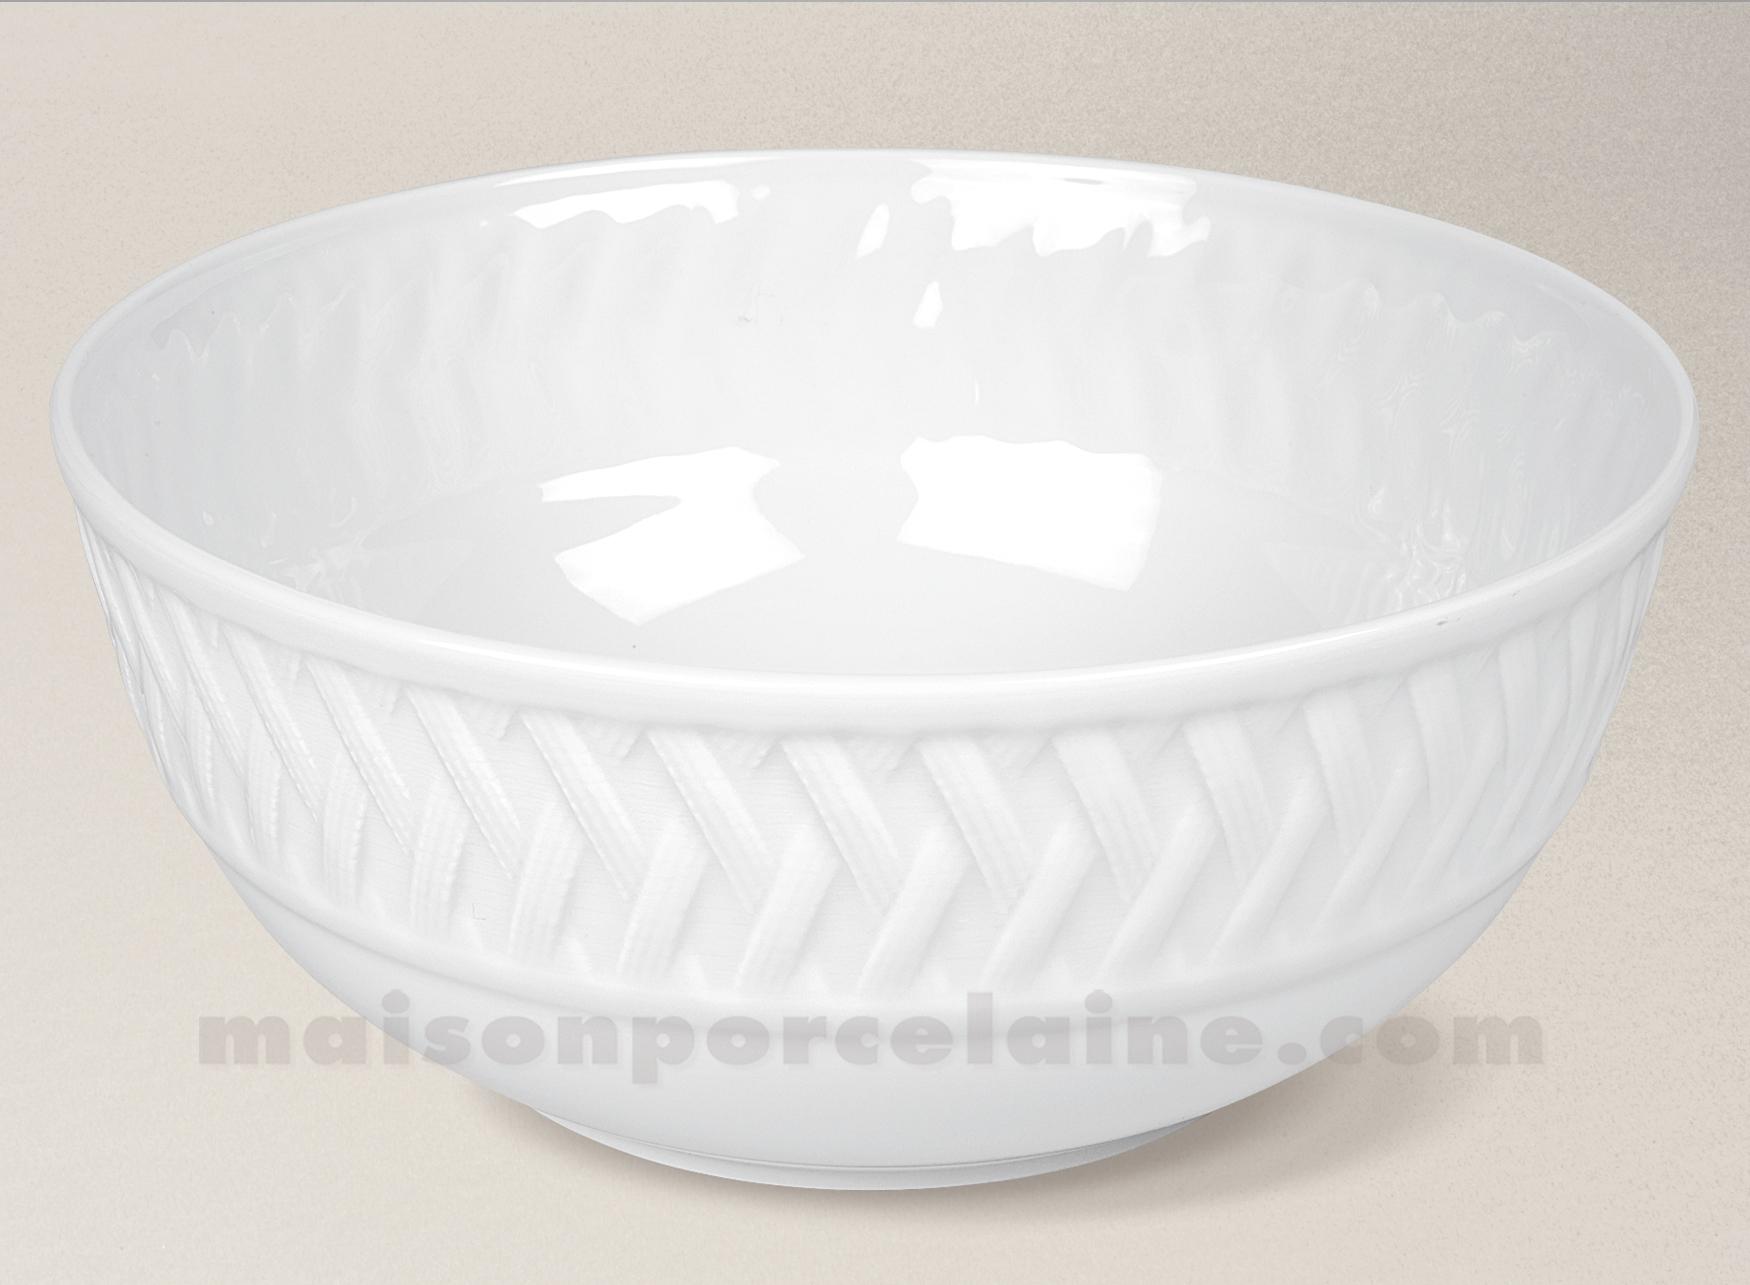 saladier porcelaine blanche louisiane geant d25 maison de la porcelaine. Black Bedroom Furniture Sets. Home Design Ideas